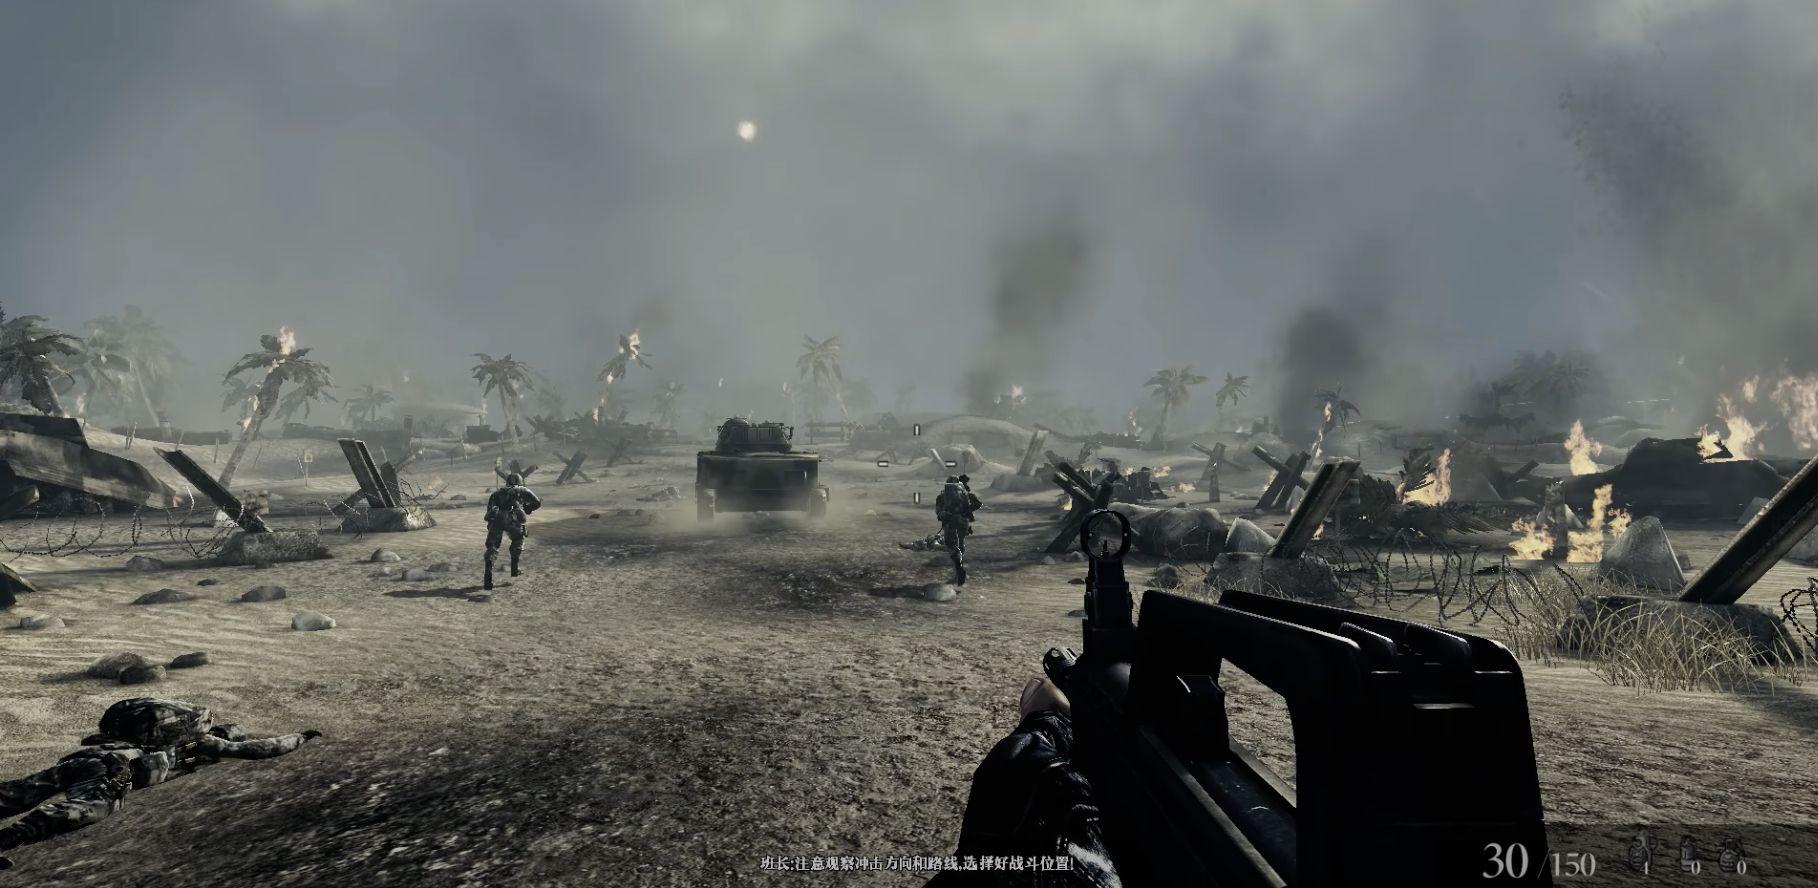 """Fermo immagine del videogioco """"Missioni gloriose"""" sviluppato in parte dall'Esercito popolare di liberazione. Fonte: You Tube."""